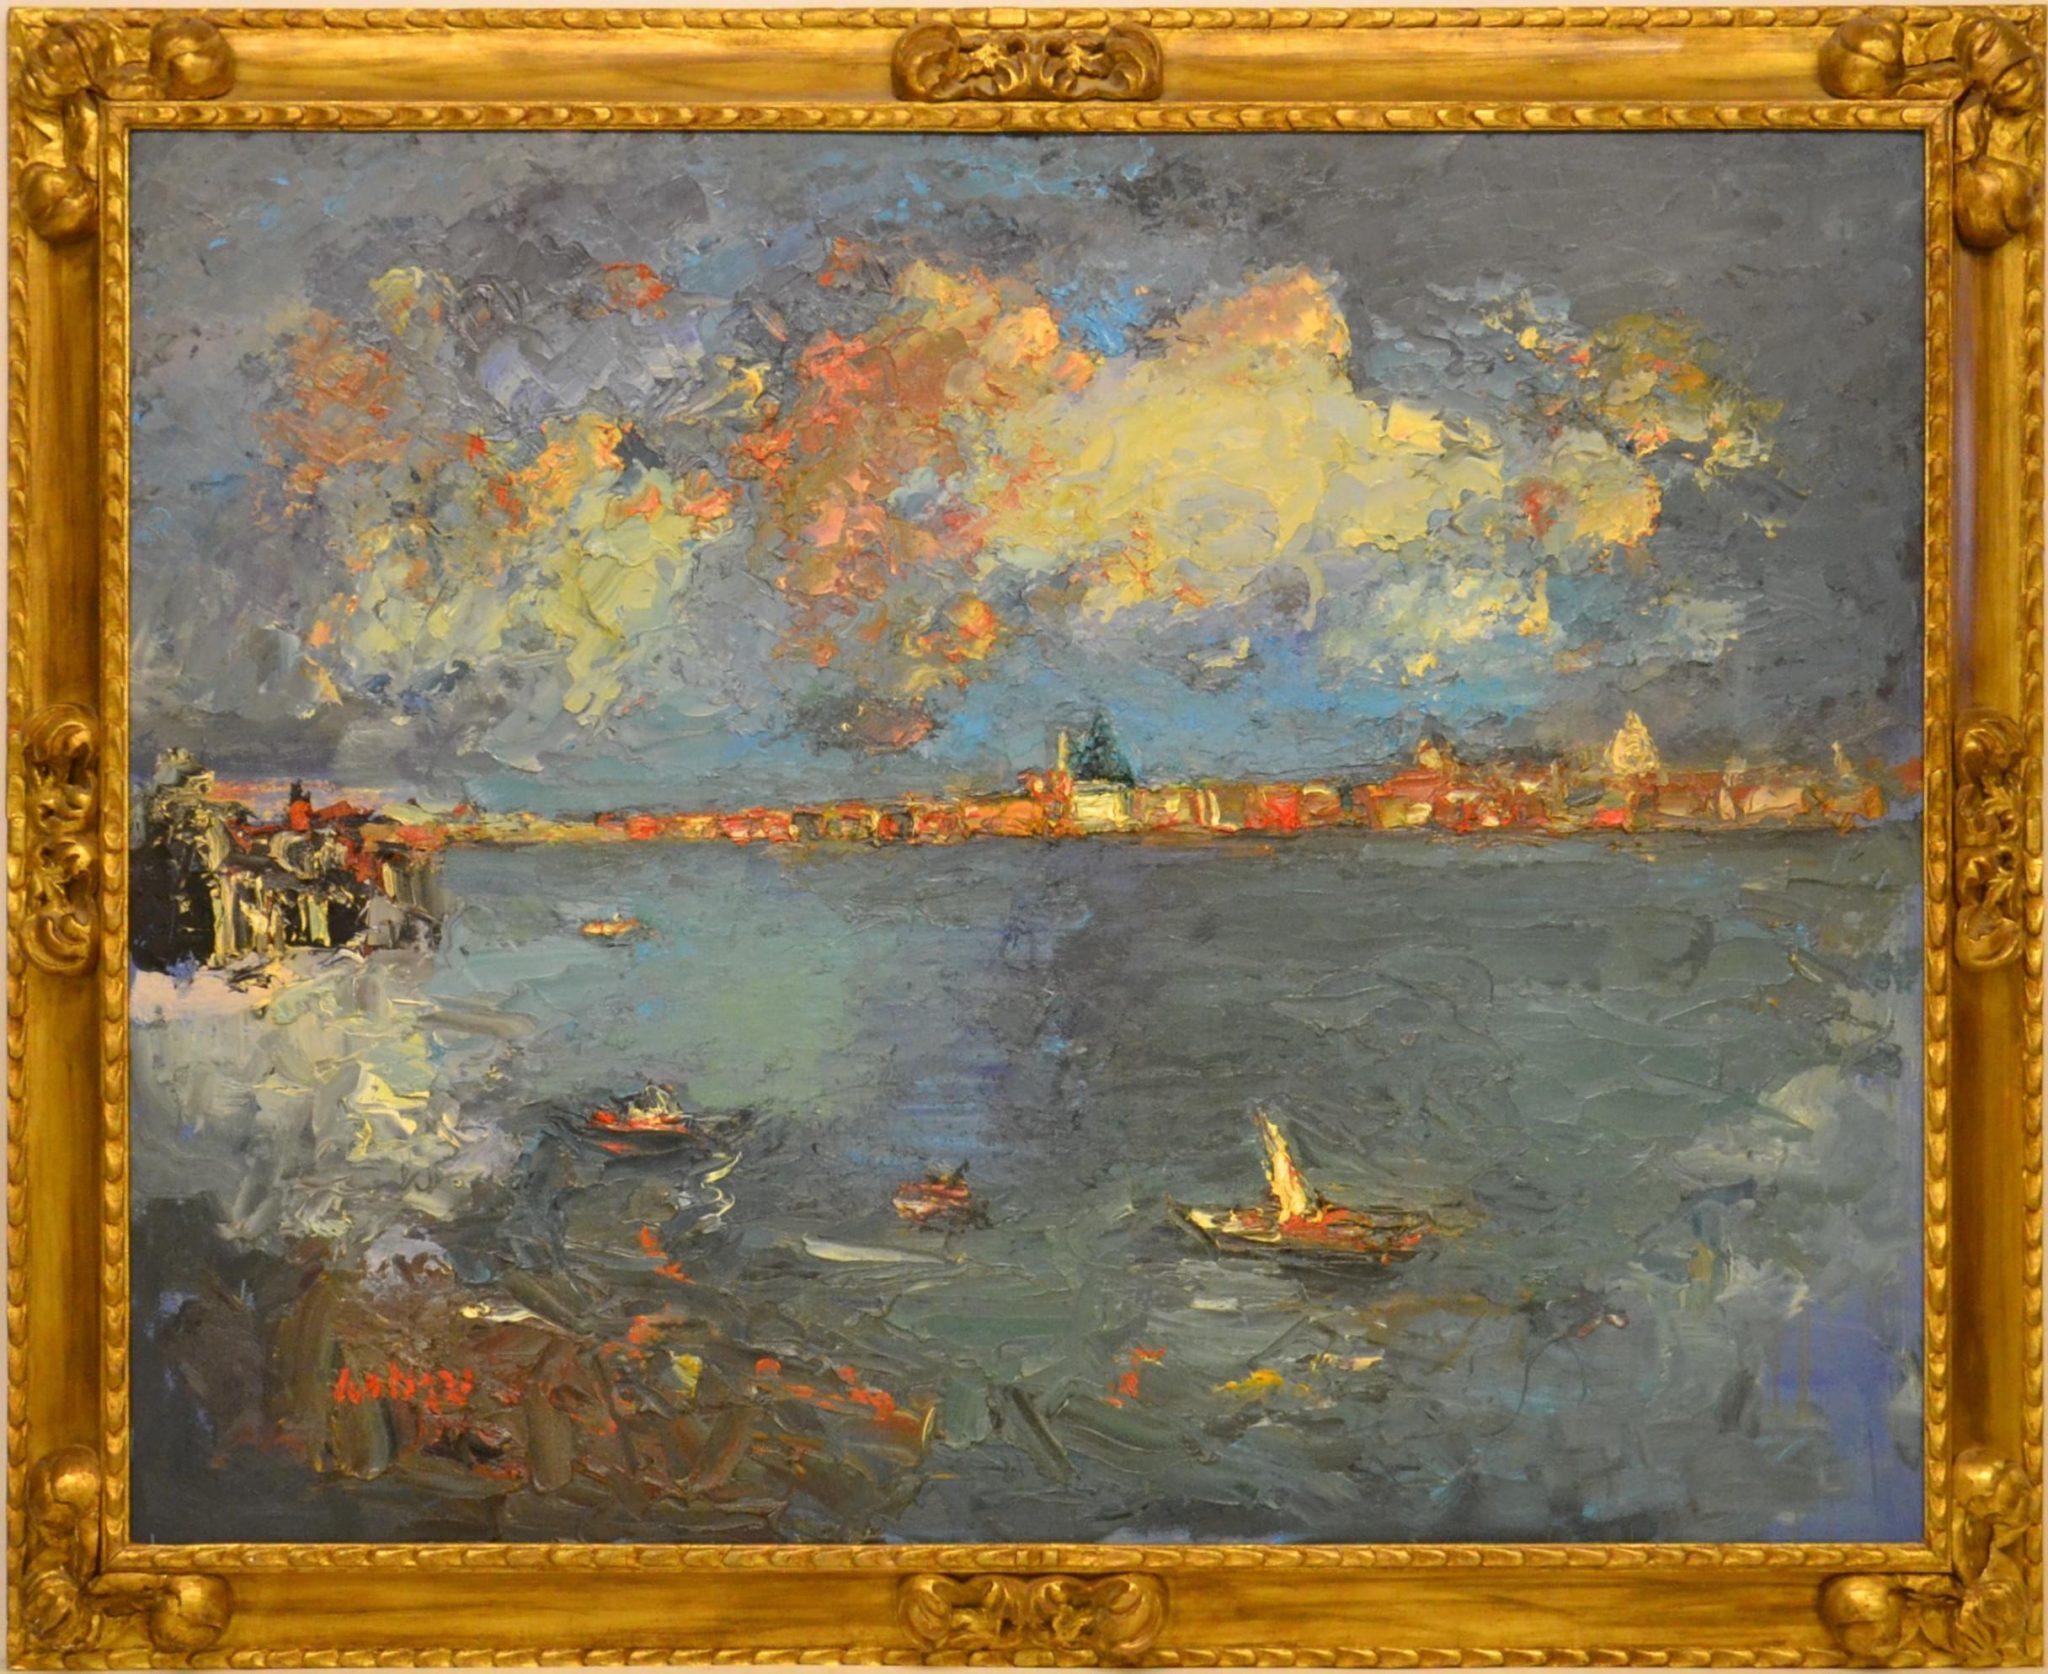 Sergio Scatizzi ( Capannori 1918 – Firenze 2009 ) VENEZIA, IN MEMORIA DI OSKAR KOKOSCHKA olio su tavola, cm 175x138 firmato in basso a sinistra, titolato, datato 2006 e firmato al retro STIMA € 5.000 / 10.000